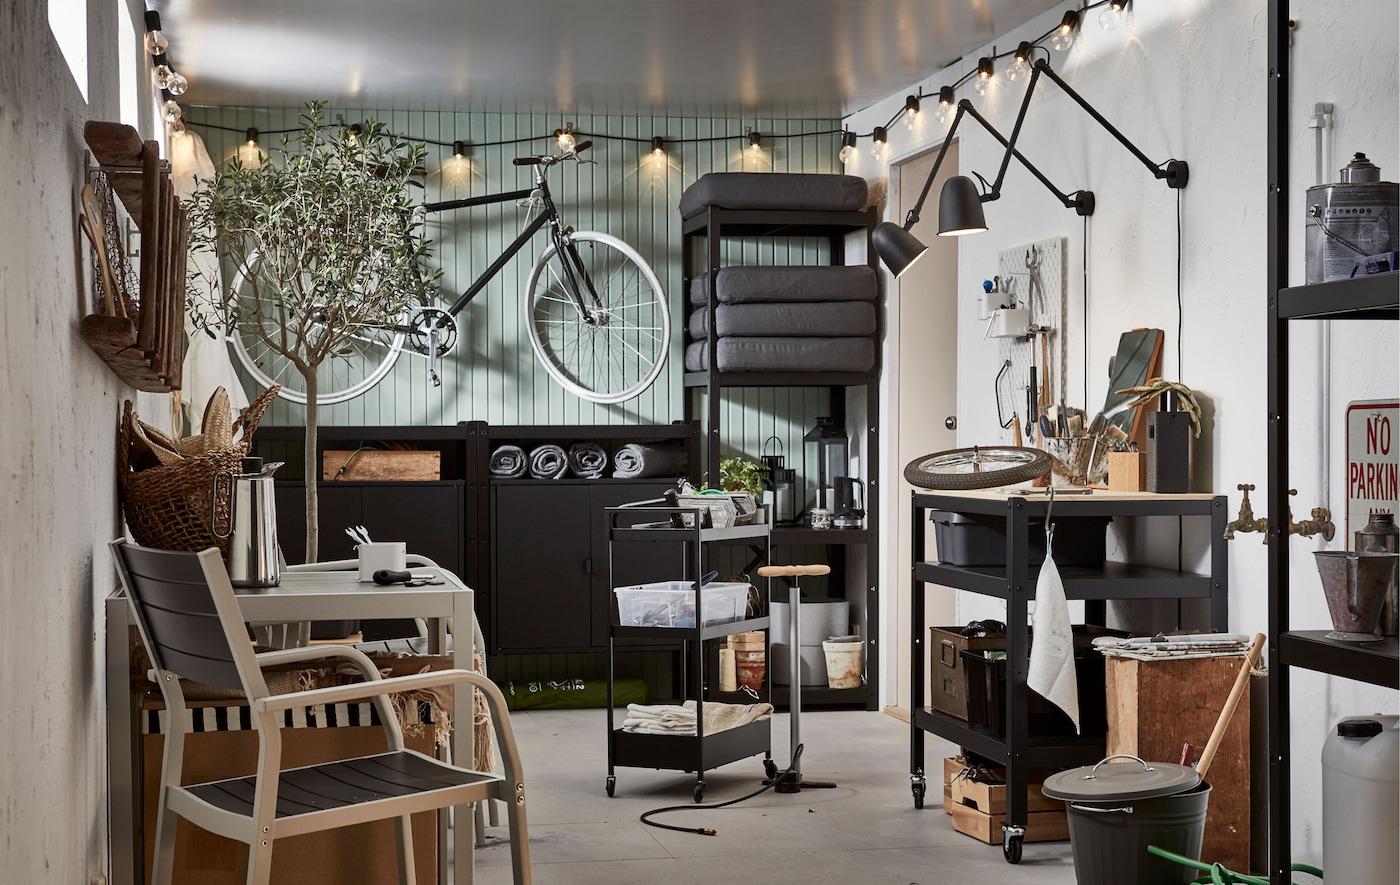 Gemütlich eingerichteter Abstellraum, der einer Garage oder Werkstatt ähnelt. An der Wand hängt ein Fahrrad, auf den Regalen liegen Outdoor-Utensilien